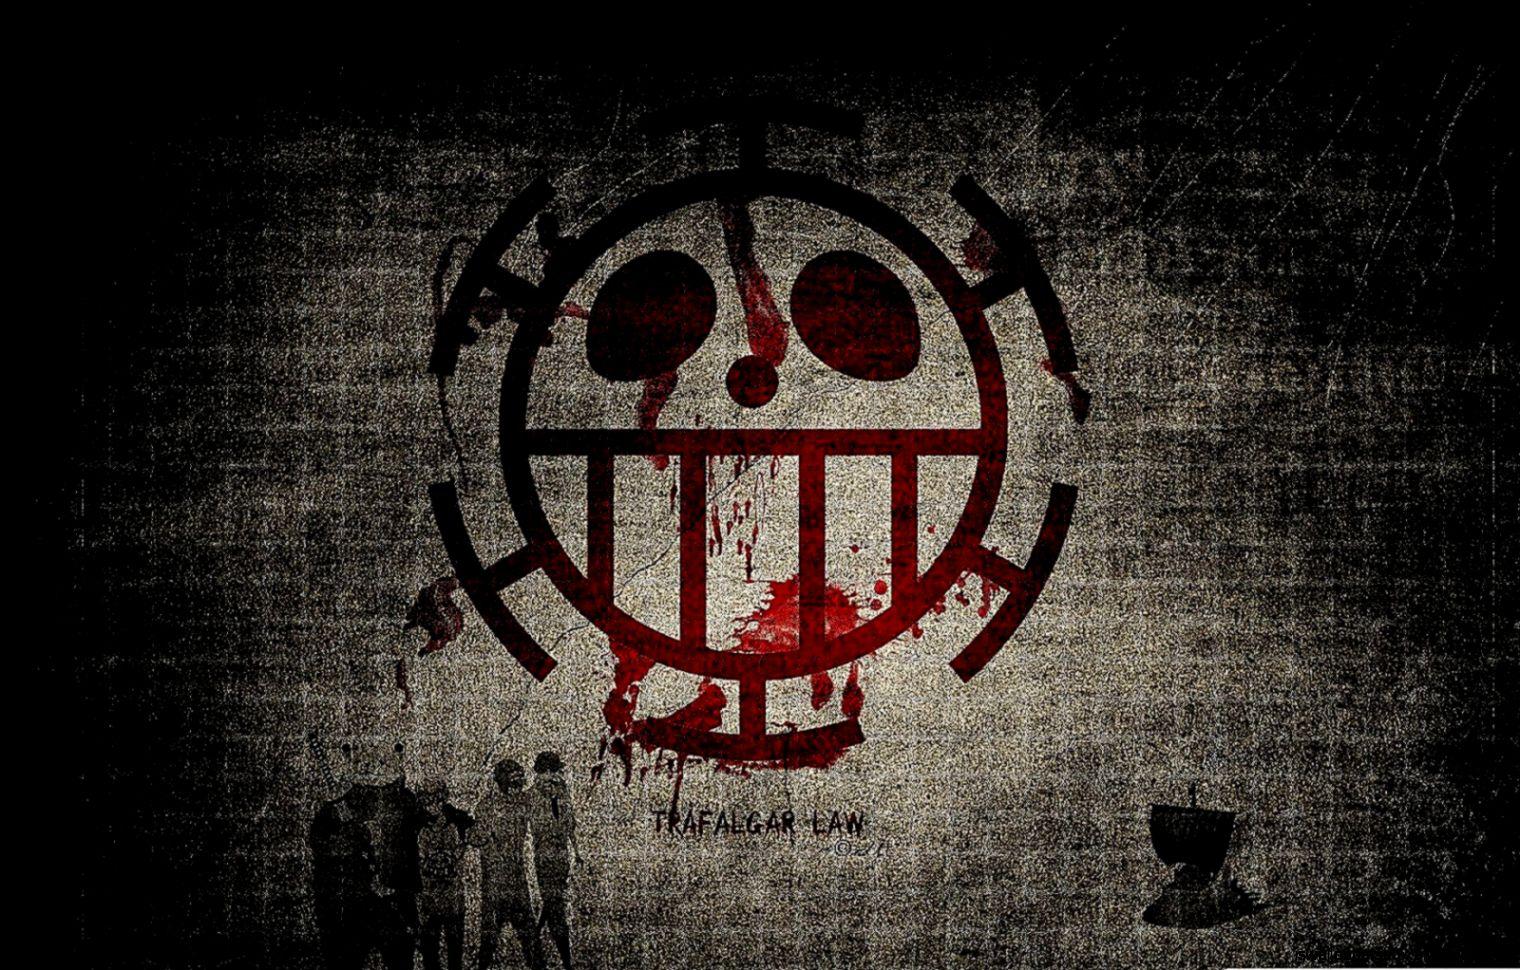 logos trafalgar law one piece pirate logo hd wallpapers